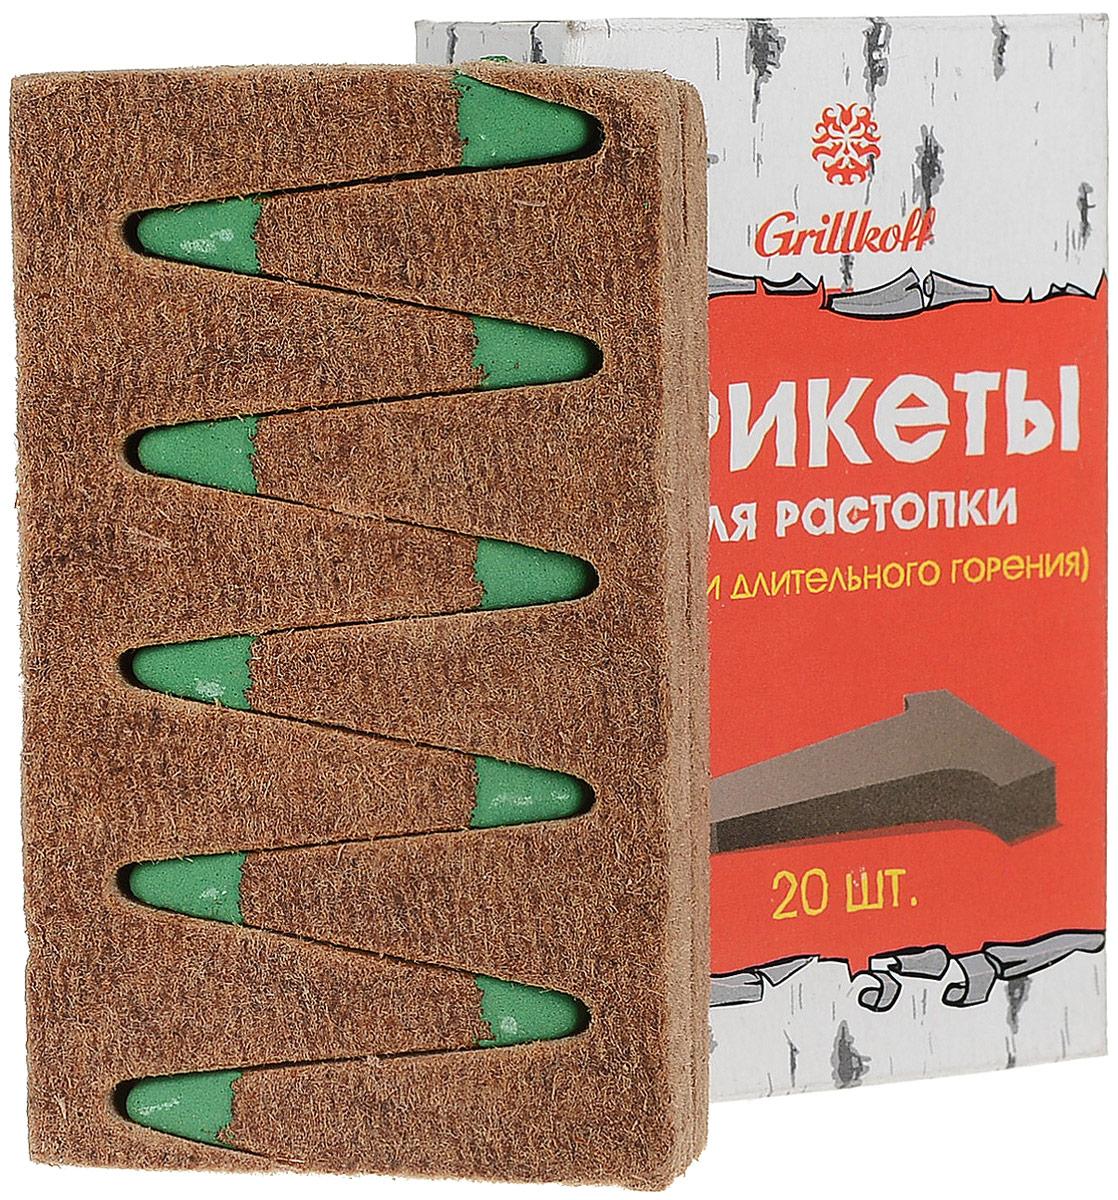 """Брикеты для растопки """"Грилькофф"""" - представляют собой спрессованную смесь древесной пыли и твердого парафина, дополнительно снабжены серным наконечником. На упаковке находится серная зажигательная полоса.  Высокоэффективное средство для растопки печей, каминов, мангалов, барбекю, костров на любых видах твердого топлива (уголь, дрова, и прочие). Продолжительность горения одного брикета - не менее 15 минут.    Количество брикетов: 20 шт.Уважаемые клиенты! Обращаем ваше внимание на то, что упаковка может иметь несколько видов дизайна. Поставка осуществляется в зависимости от наличия на складе."""